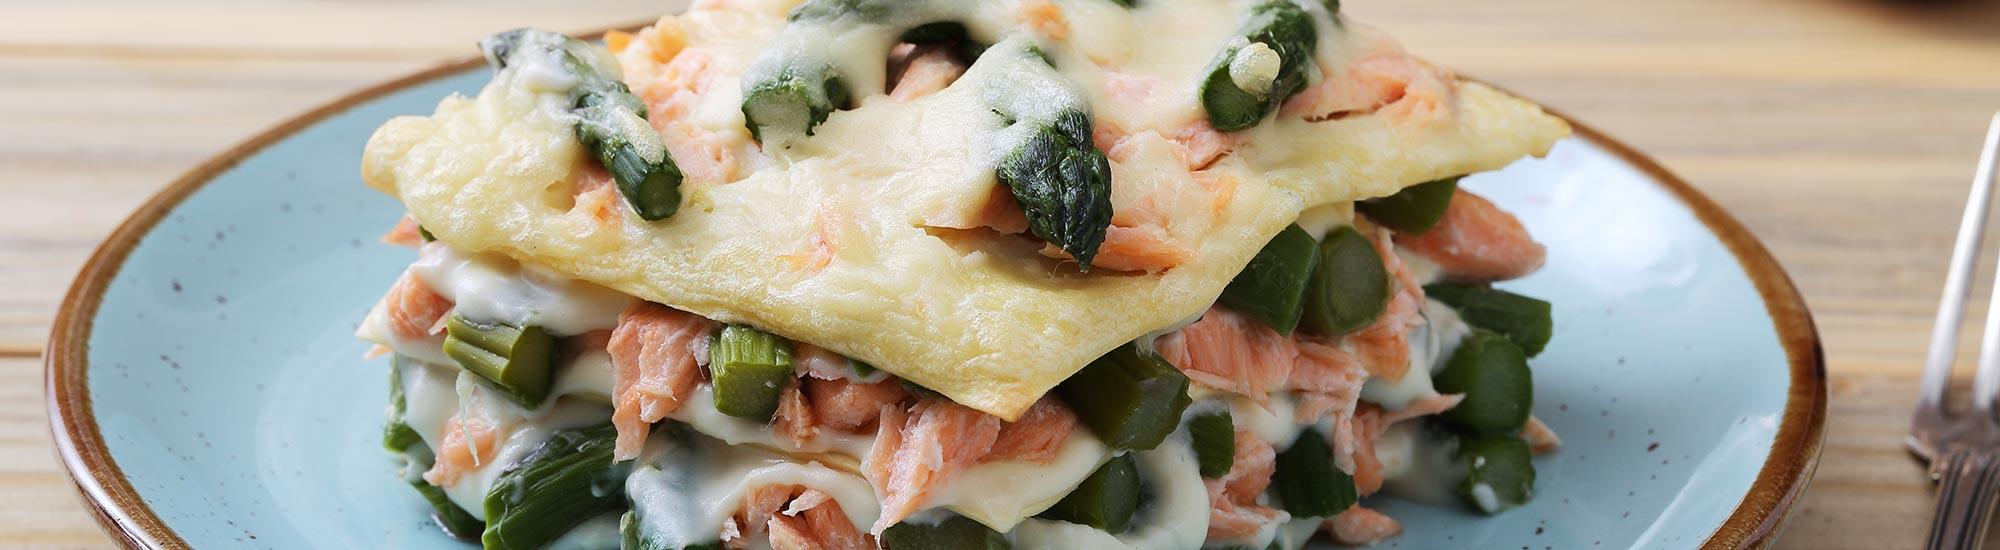 ricetta Lasagne con asparagi, salmone e gamberi con pasta fresca